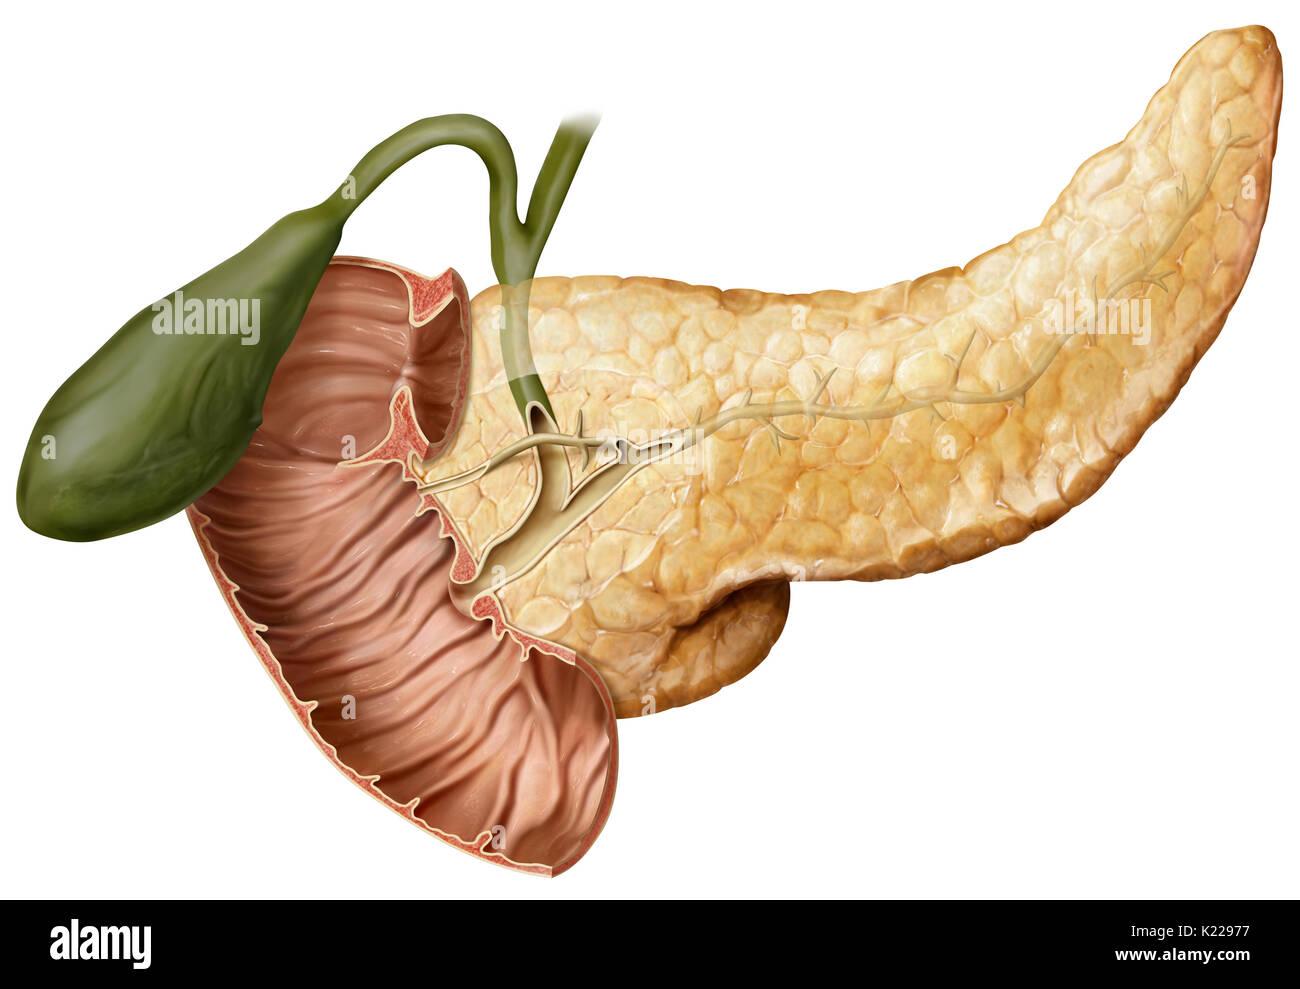 Behinderung der Pankreasgang verhindert das Herausschleudern von pankreassaft in den Zwölffingerdarm. Stockbild